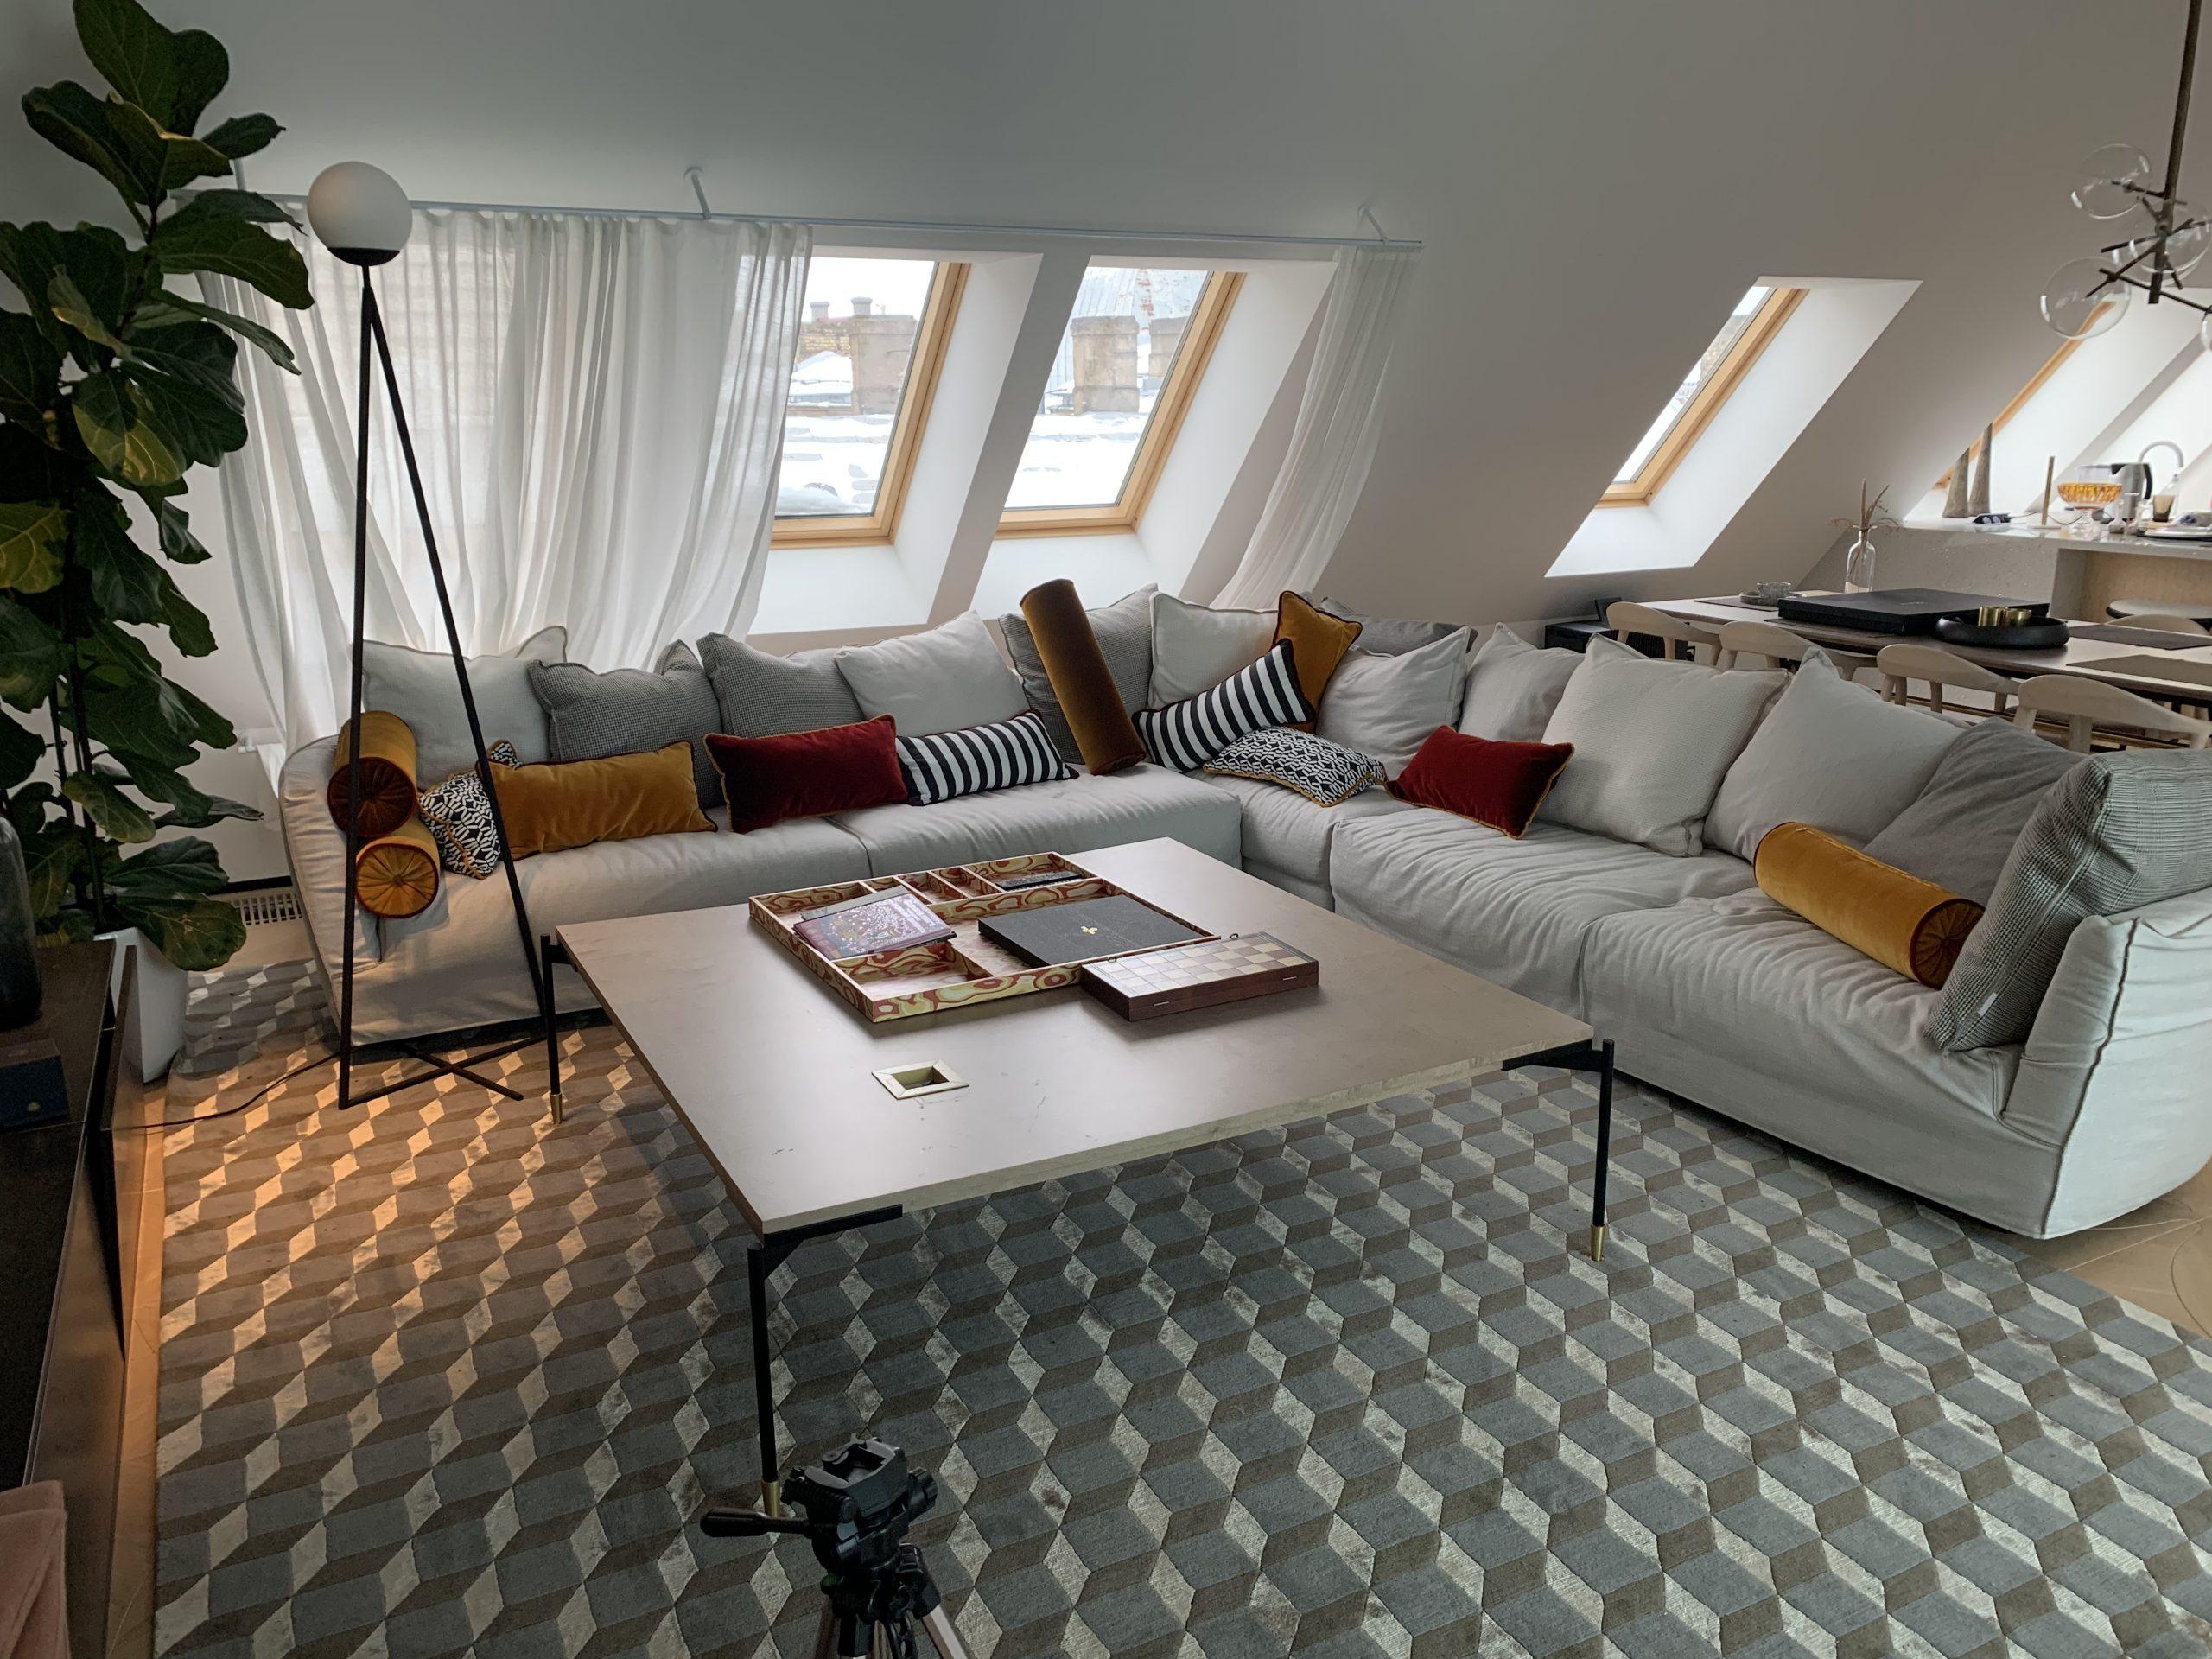 Предлагаем приобрести просторную и полностью оборудованную квартиру в проекте Tal Residence